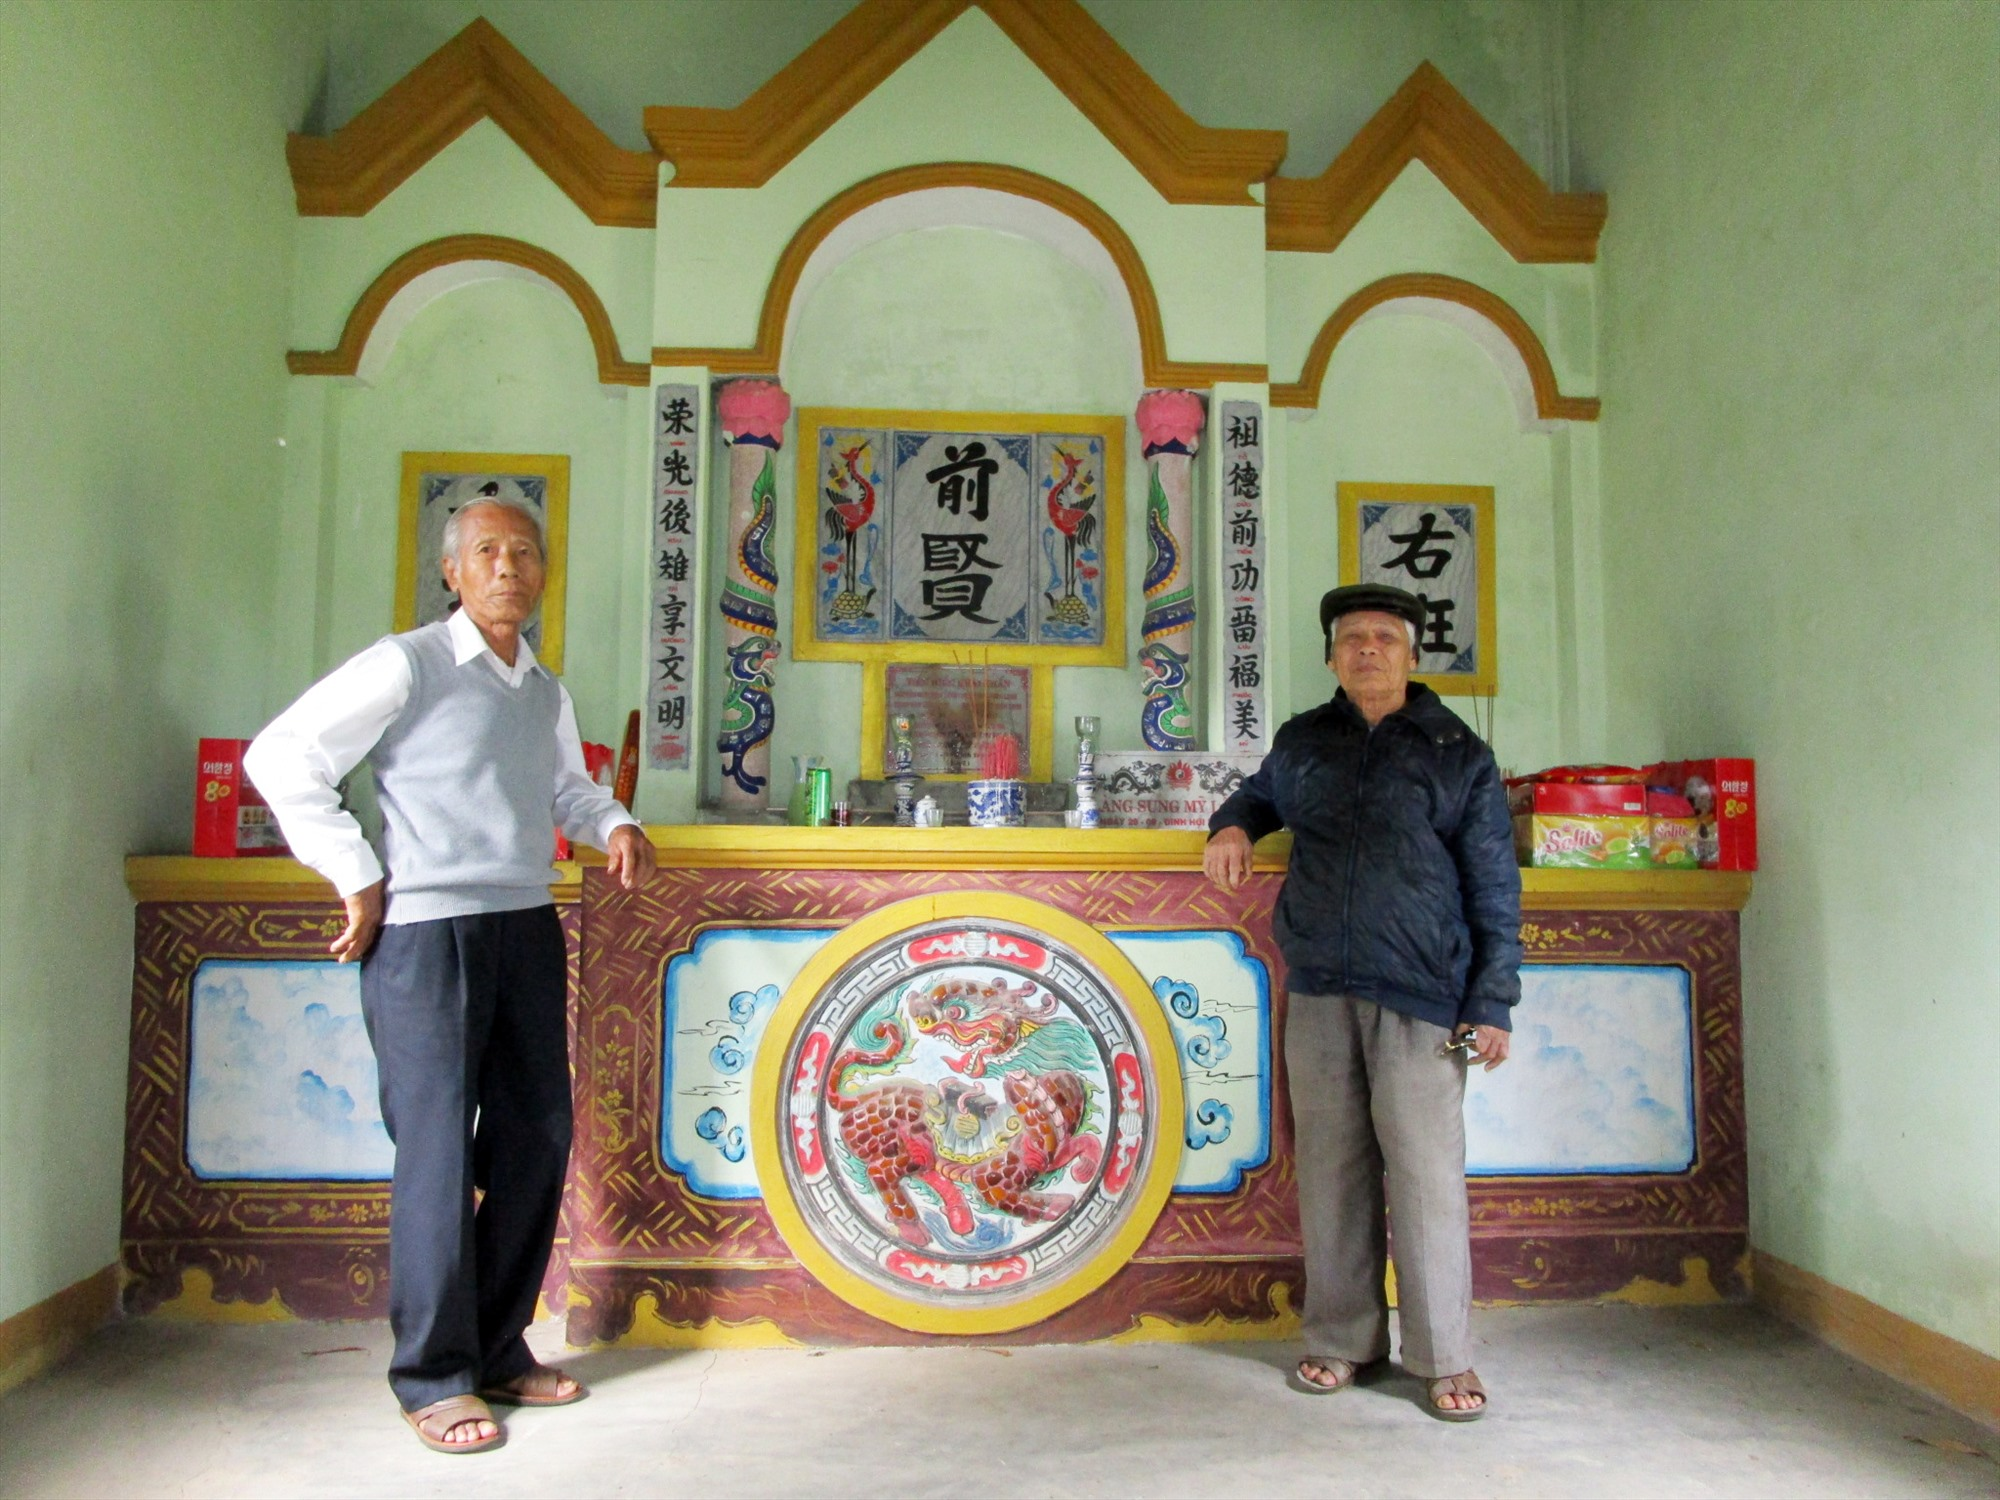 Các ông Huỳnh Văn Tường và Huỳnh Đức Huệ trước bàn thờ tiền hiền ở đình Sung Mỹ. Ảnh: PHÚ BÌNH